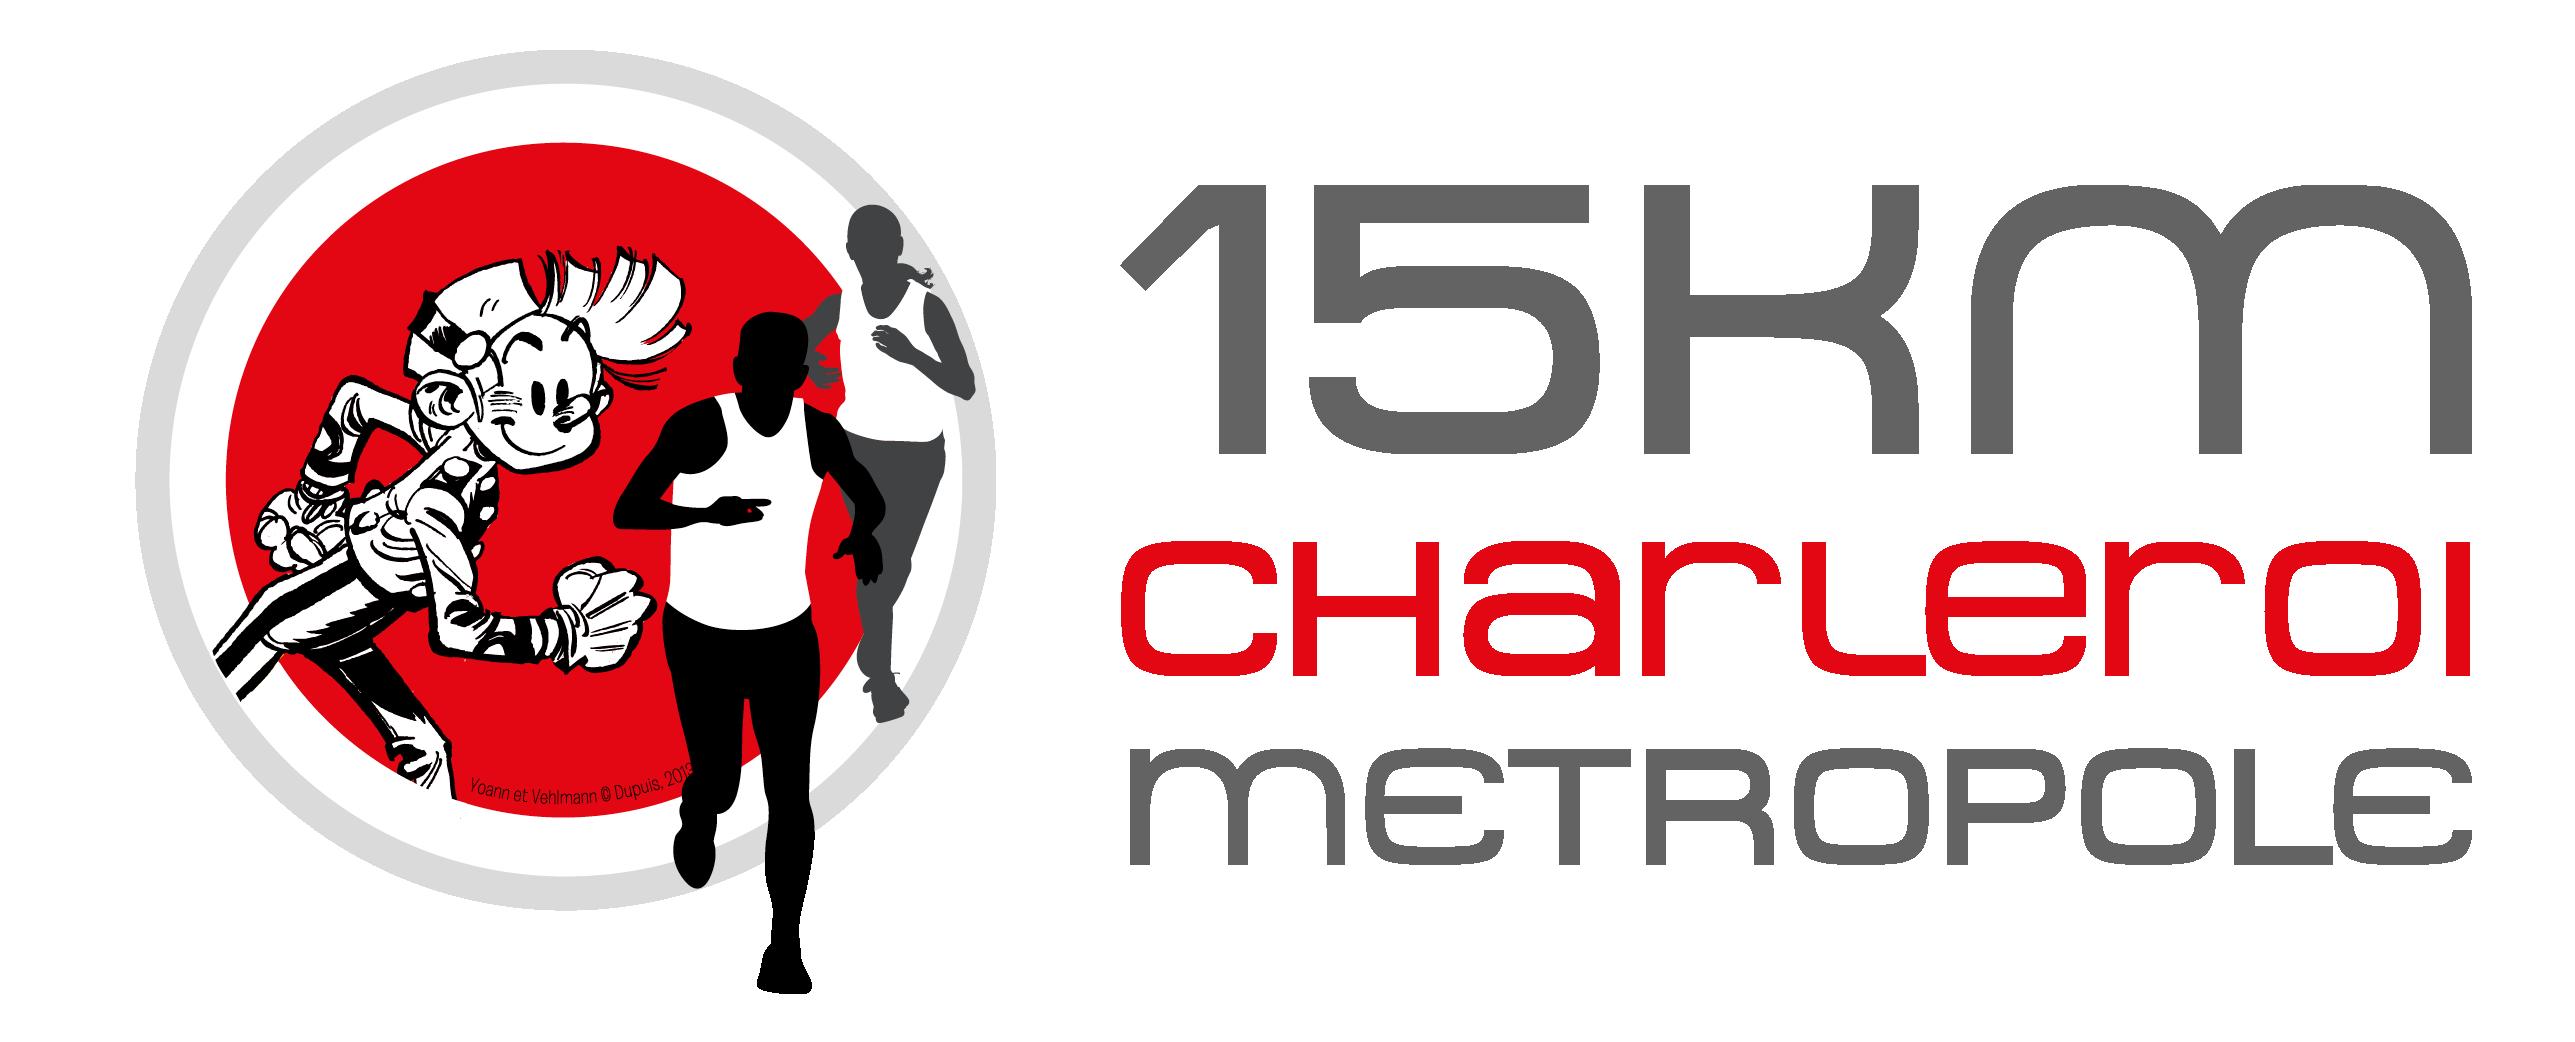 Charleroi Logo 2